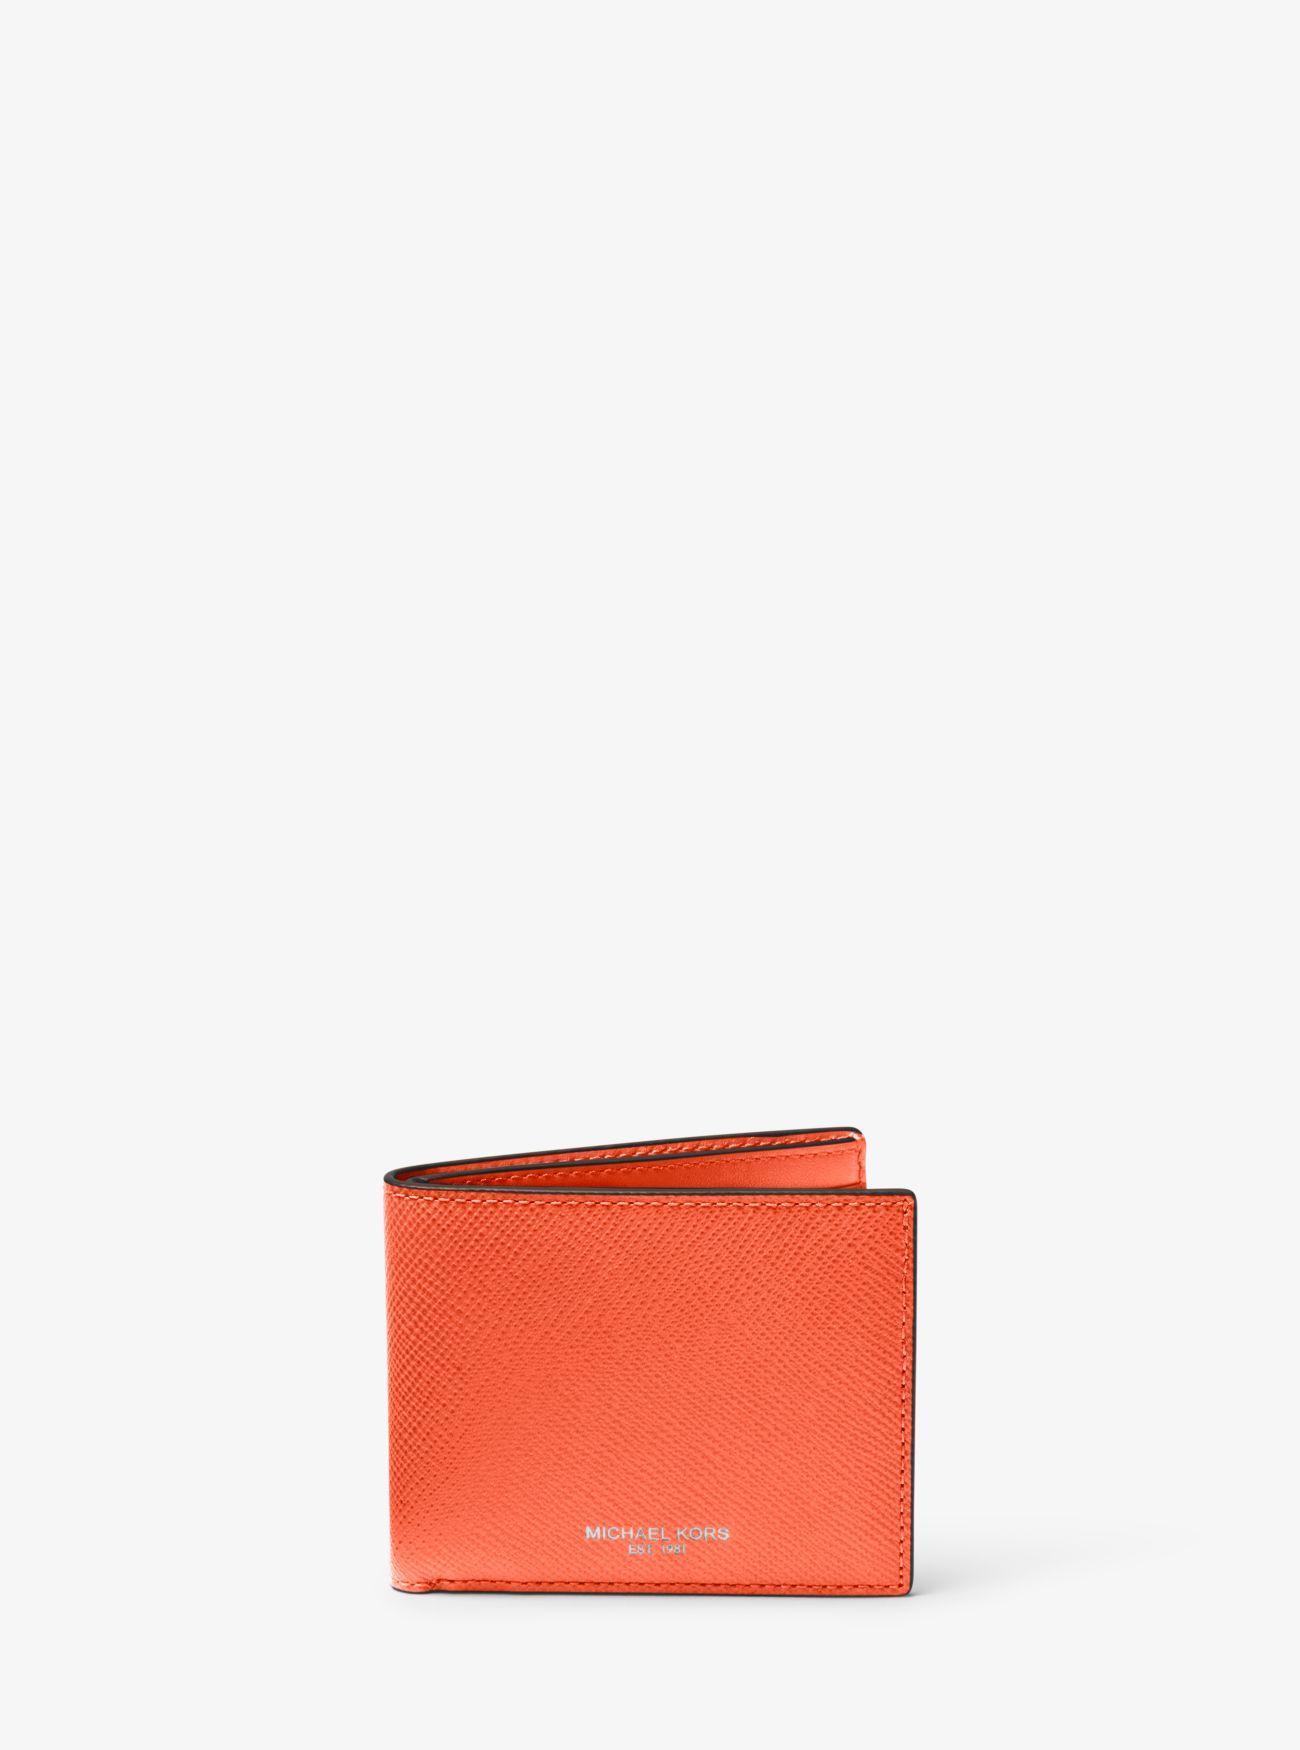 7287880797a9 Lyst - Michael Kors Harrison Leather Slim Billfold Wallet in Orange ...